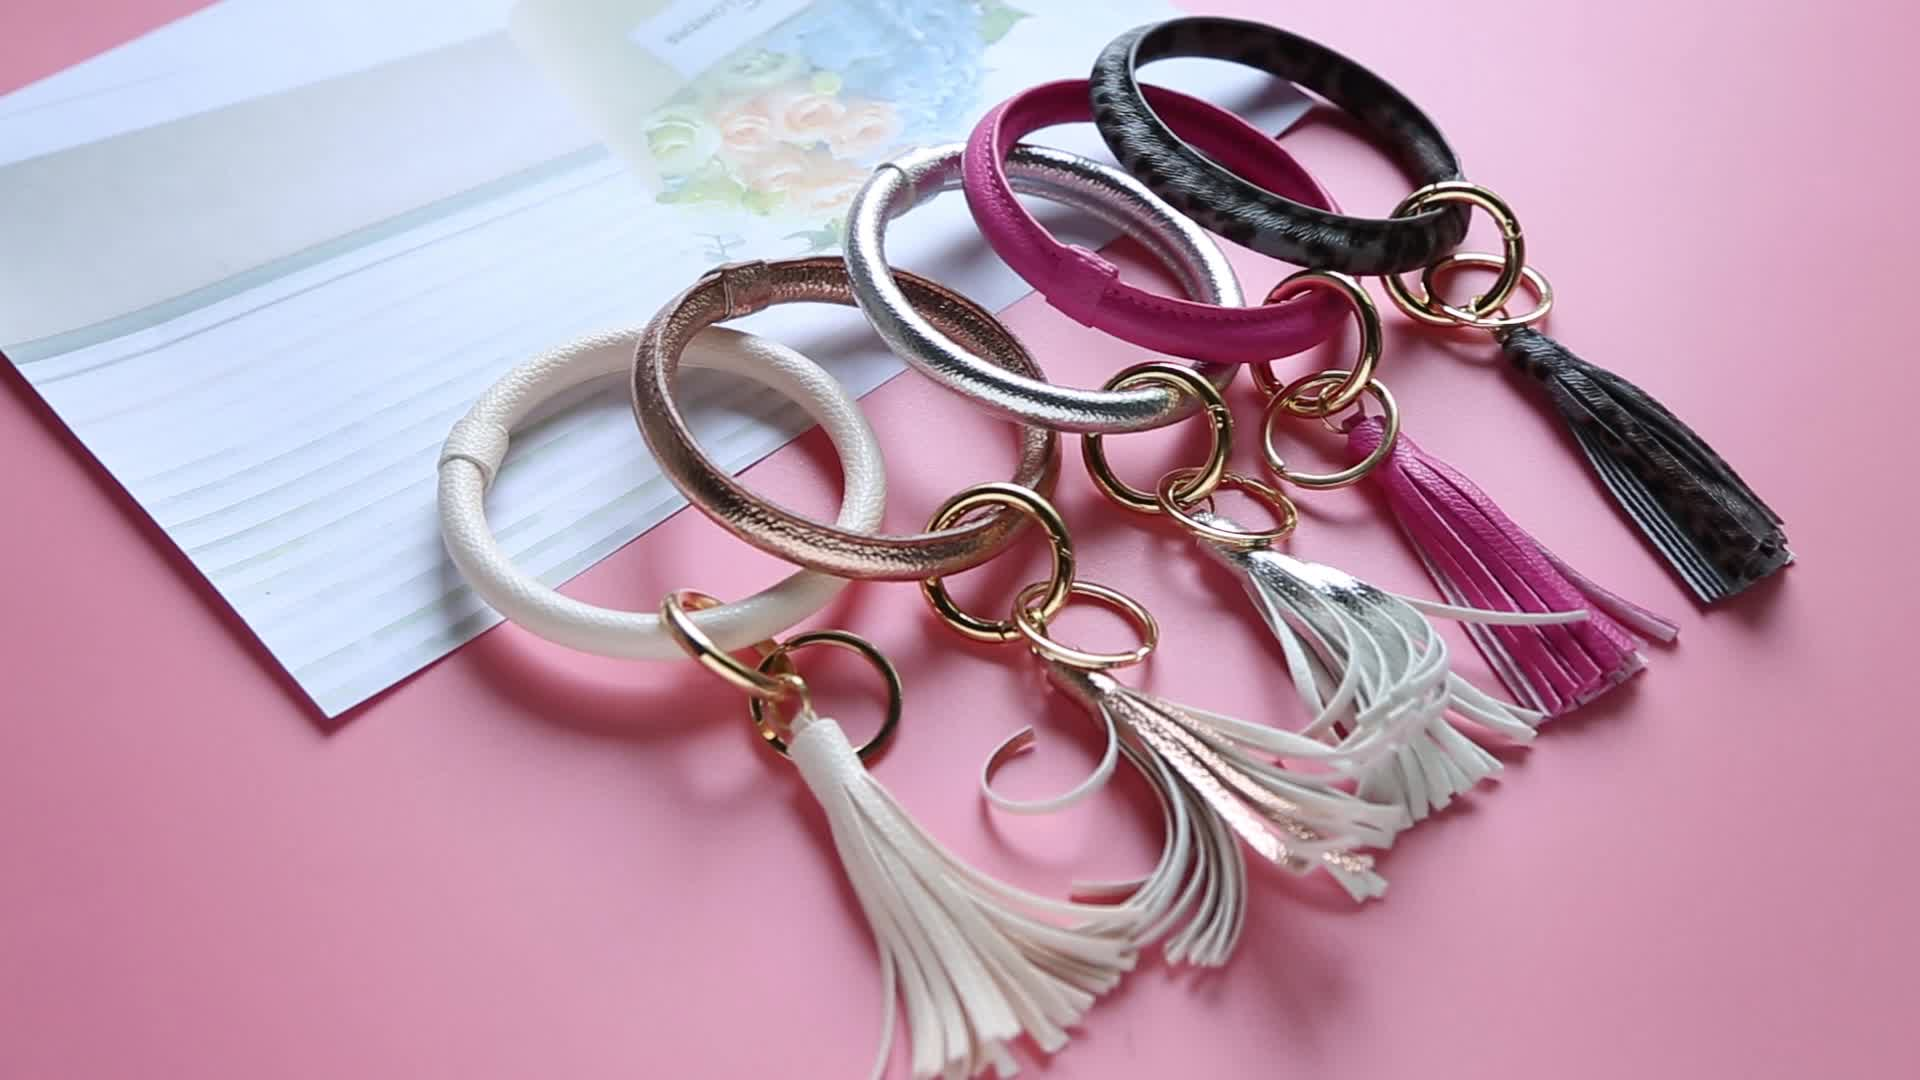 Faction Maman motifs monogrammé émail disque bracelet en cuir porte-clés grand O bracelet bracelet en cuir gland porte-clés